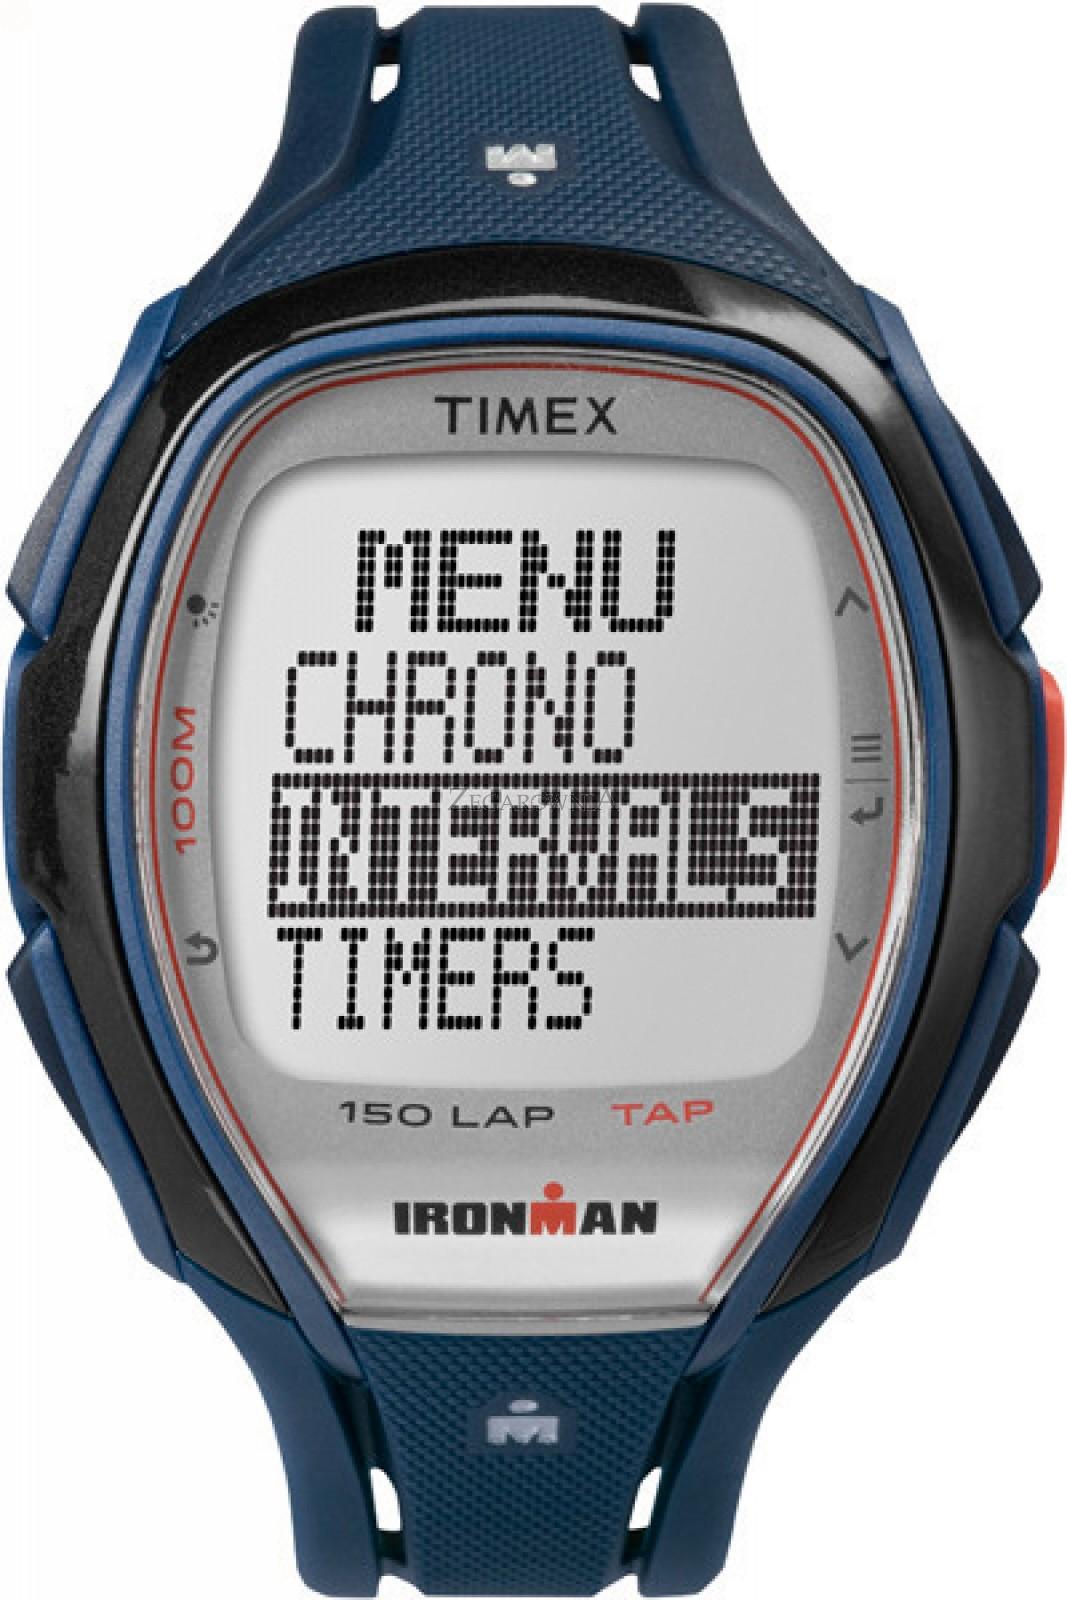 TIMEX Ironman TW5K96500